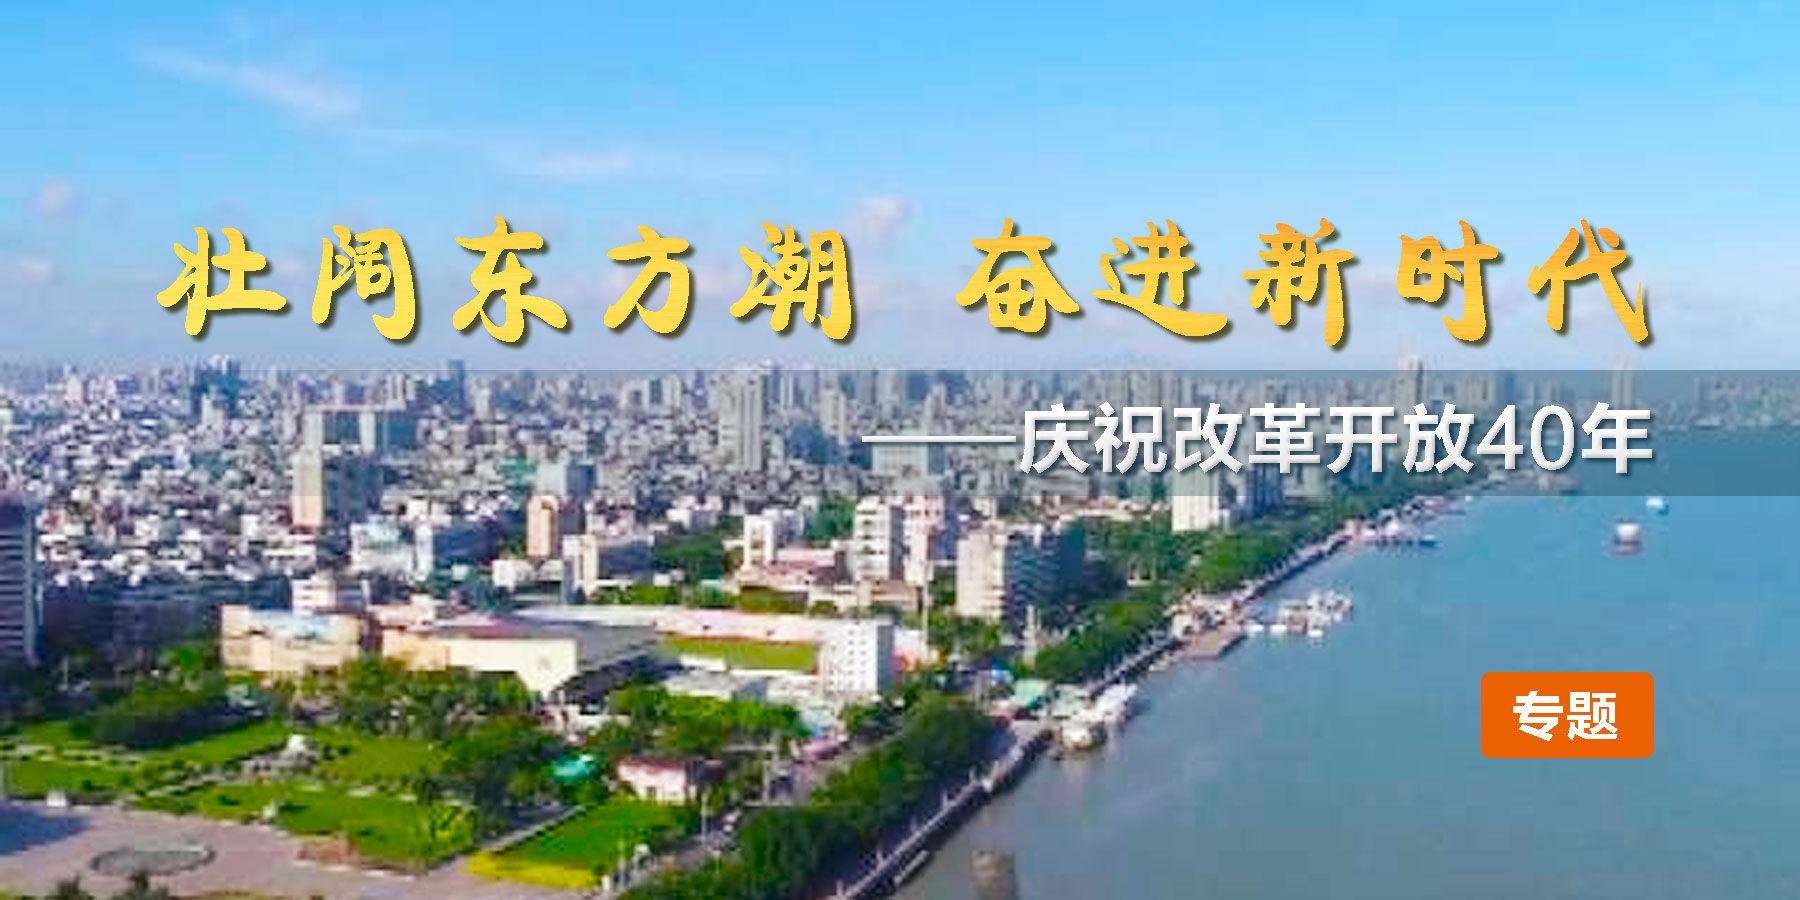 """从无到有的高速公路网络,让汕头从""""省尾国角""""到""""左右逢源""""…"""